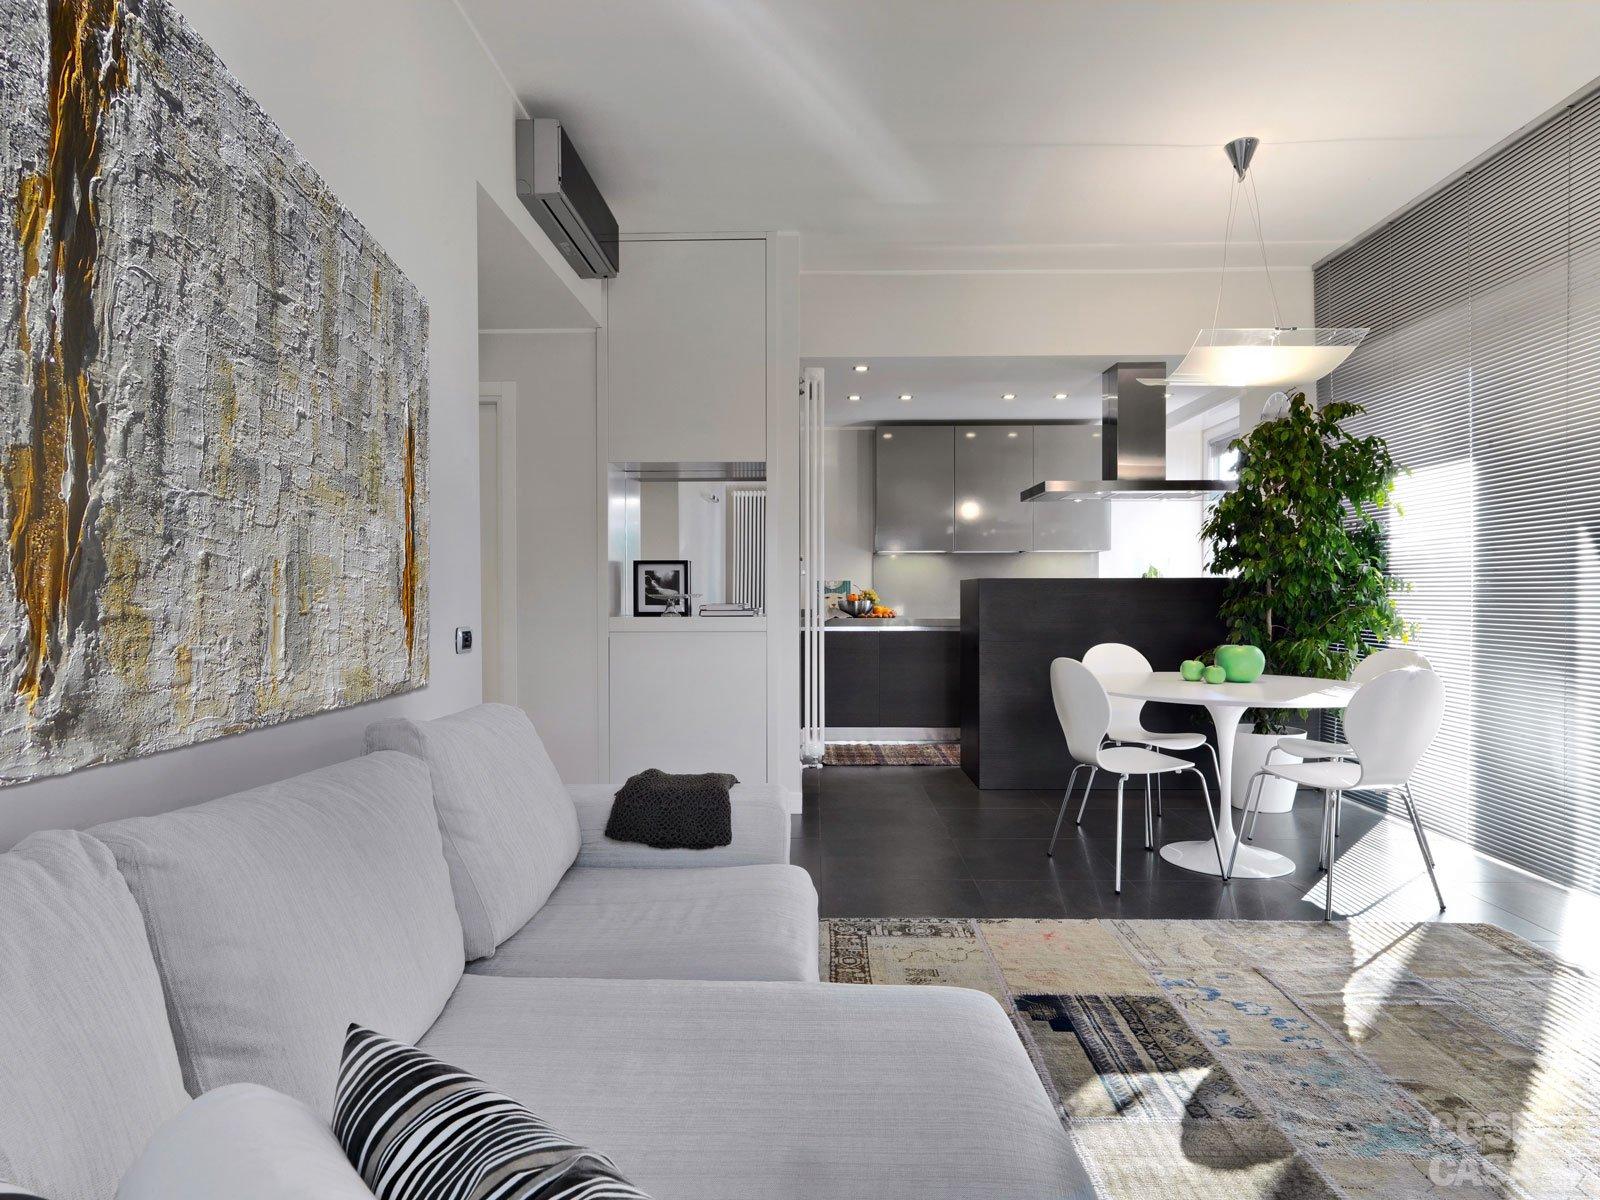 Soggiorni Con Camino Ad Angolo : Mq ottimizzati e ambienti total white cose di casa